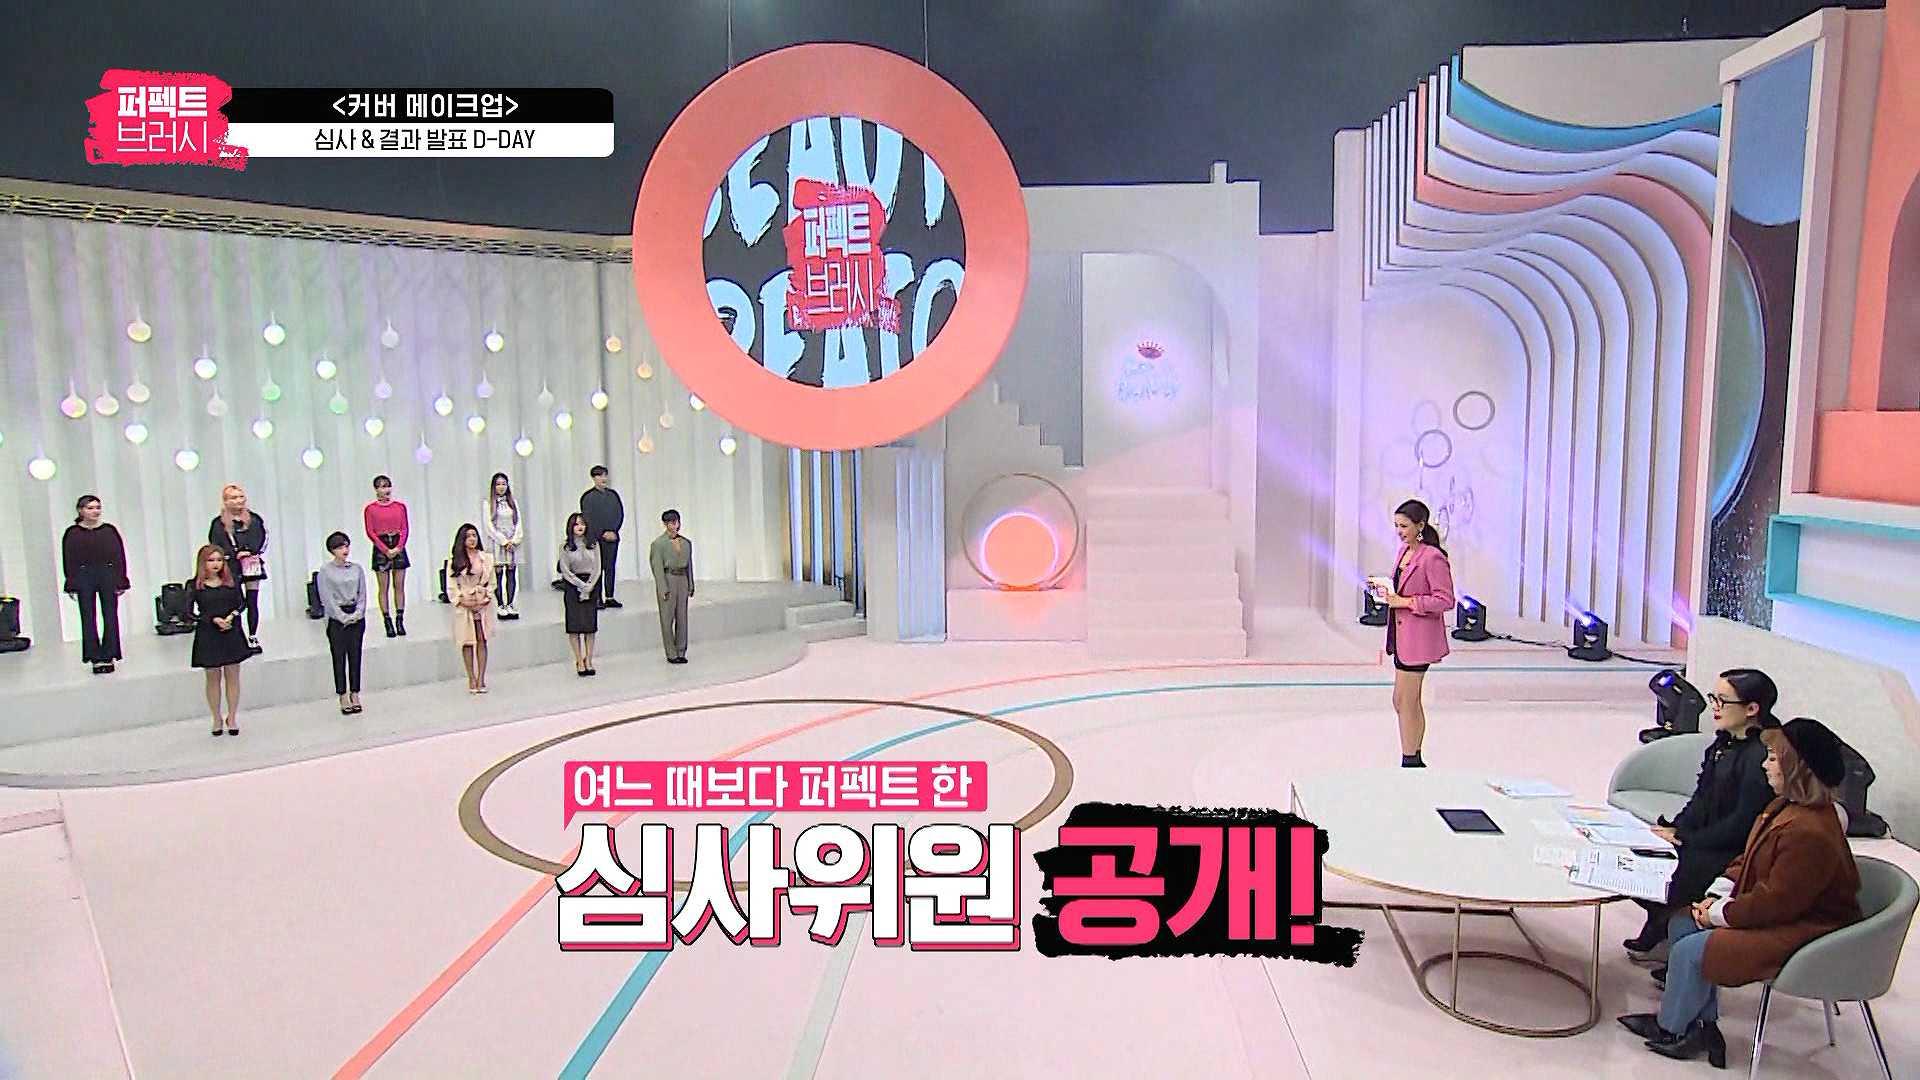 오늘의 특별한 심사위원 공개~